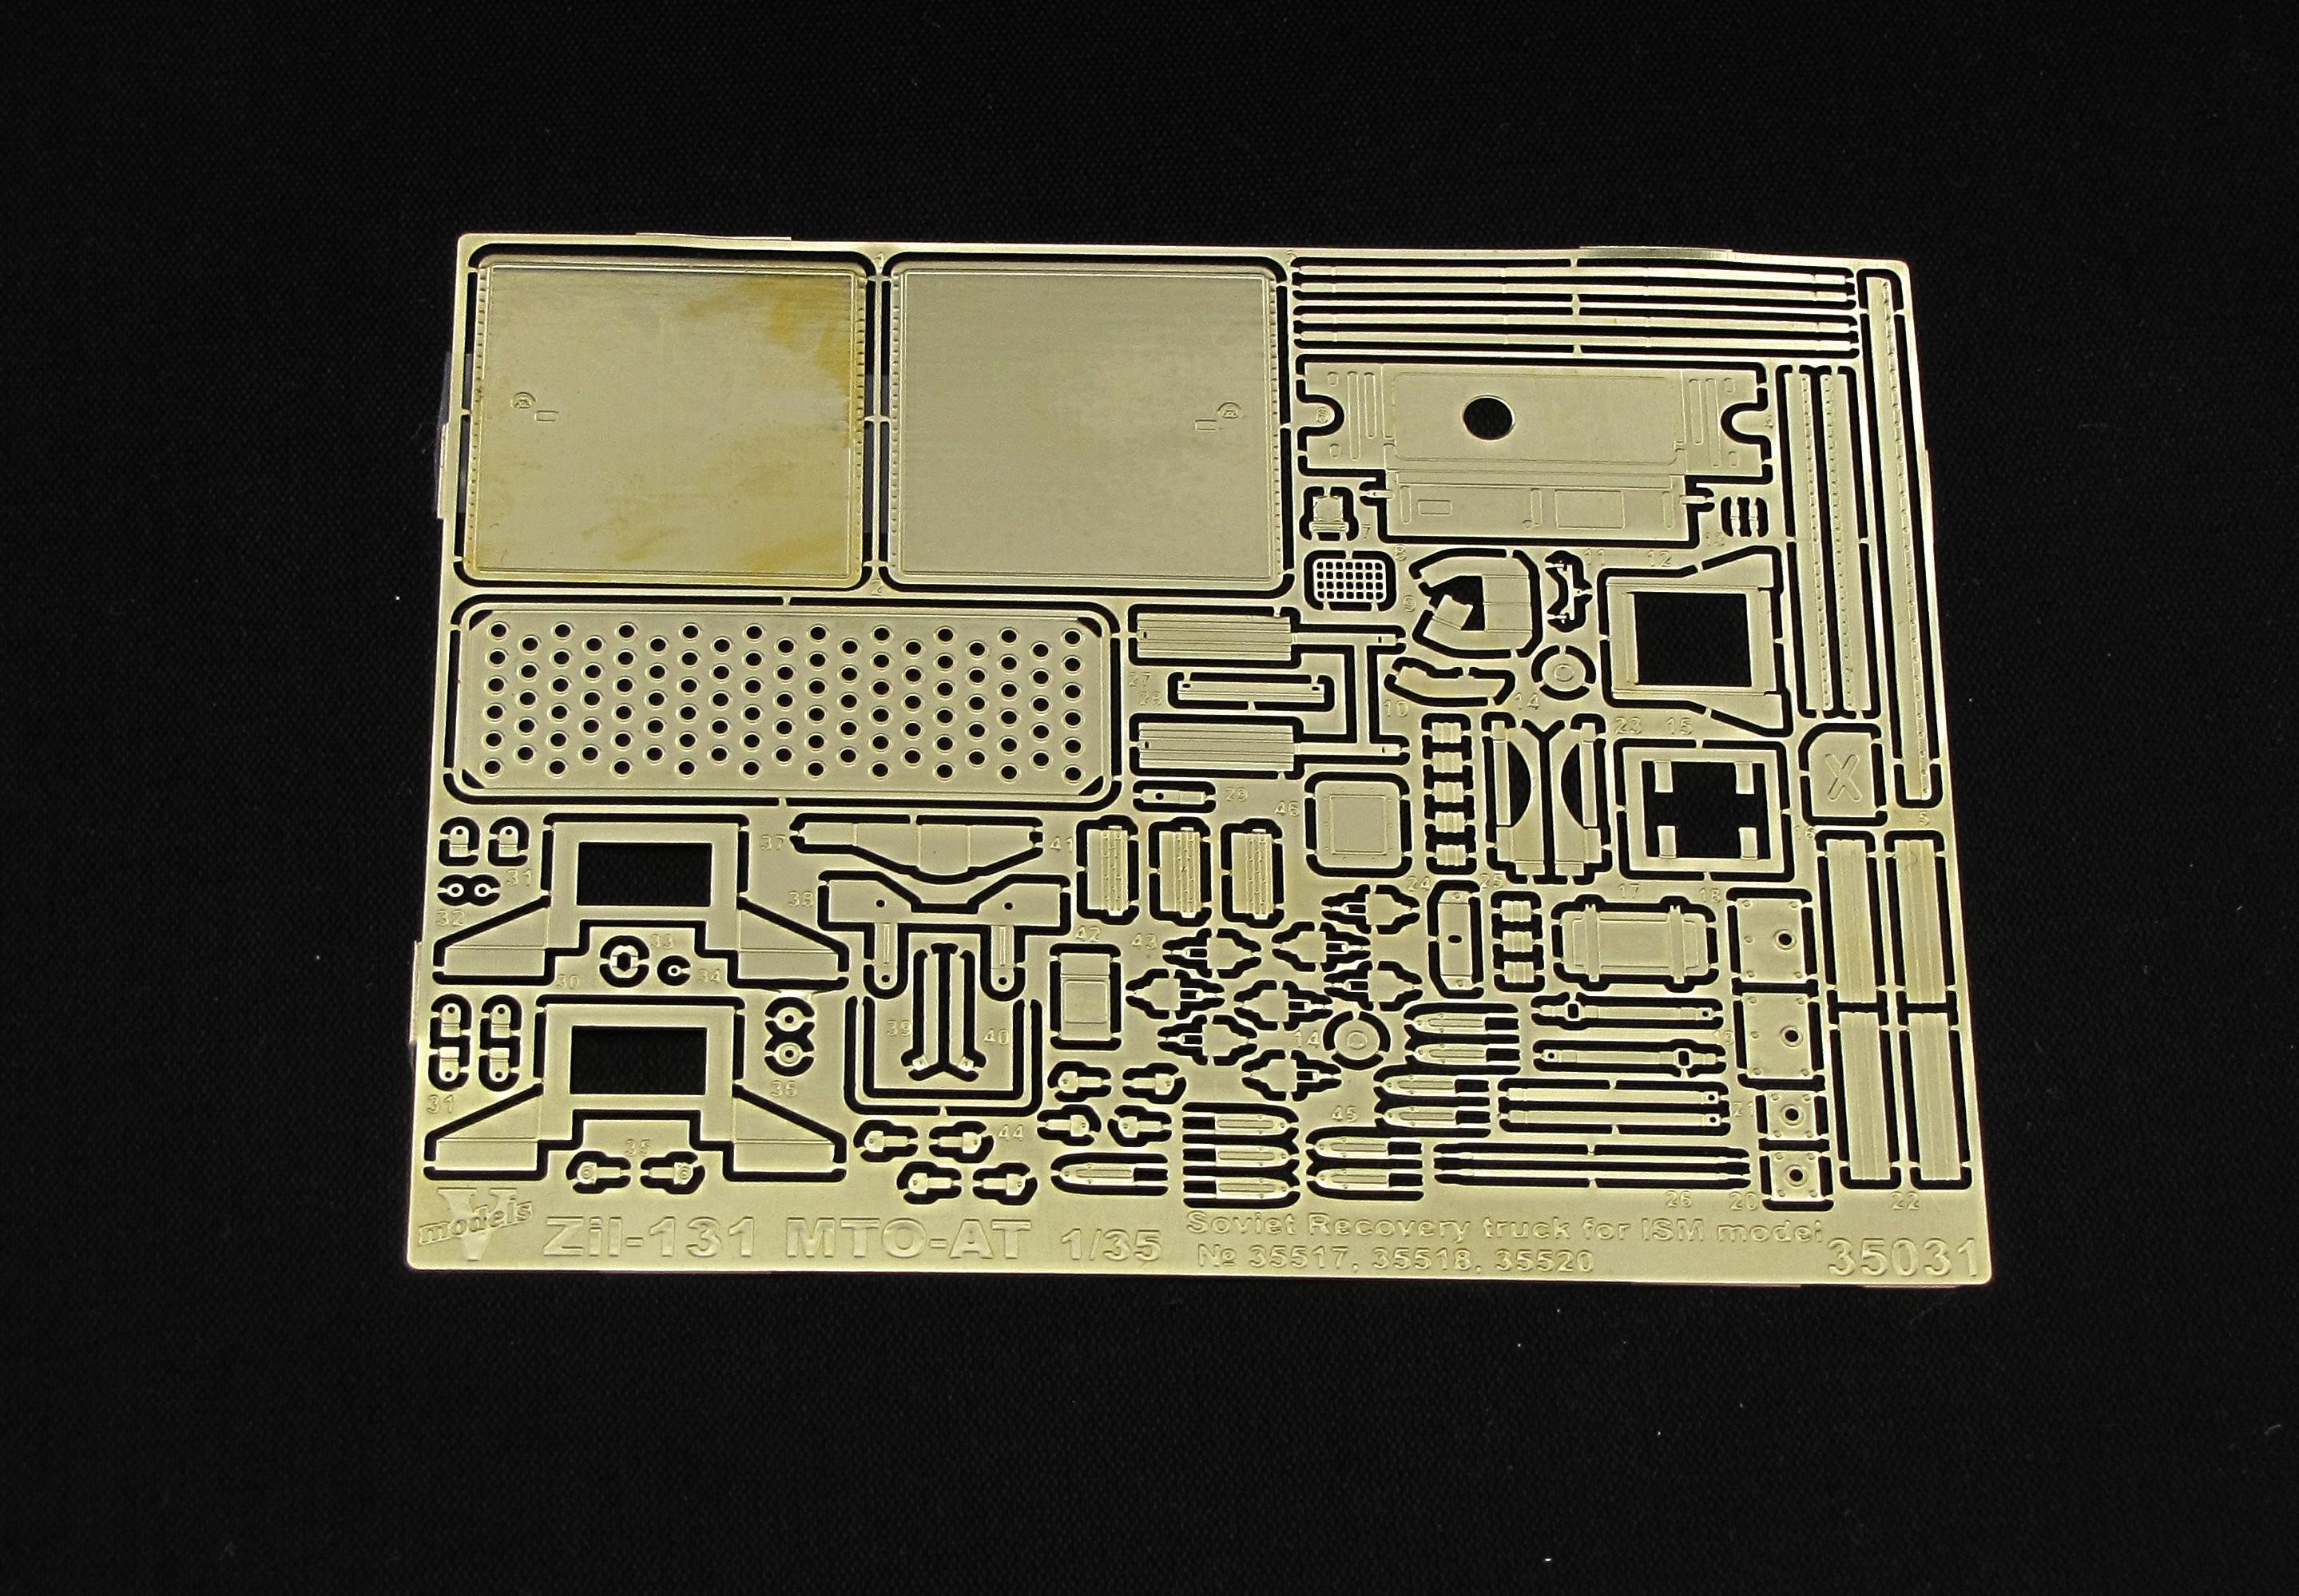 ZiL - 131 МТО - АТ set for ICM model 35031